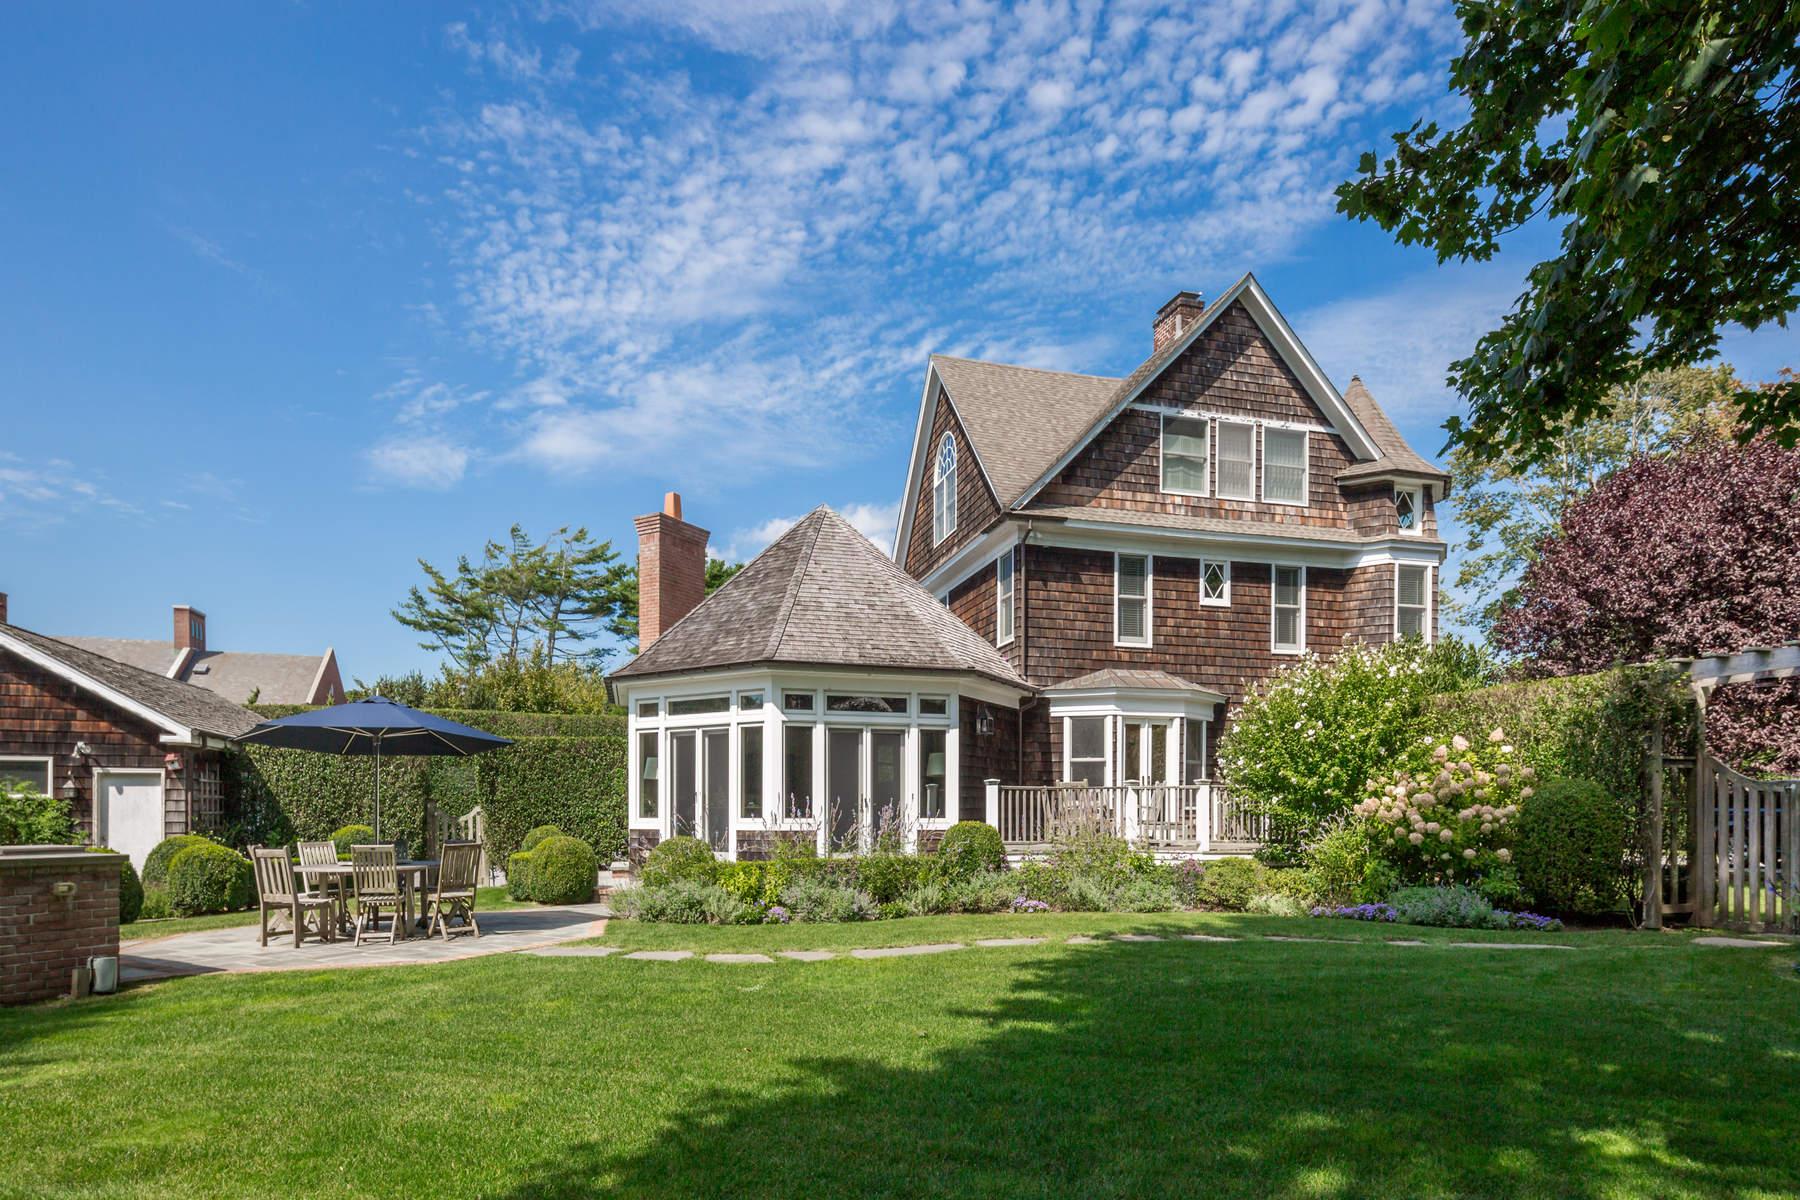 Single Family Home for Rent at Near The Ocean In Amagansett 30 Meeting House Lane, Amagansett, New York, 11930 United States